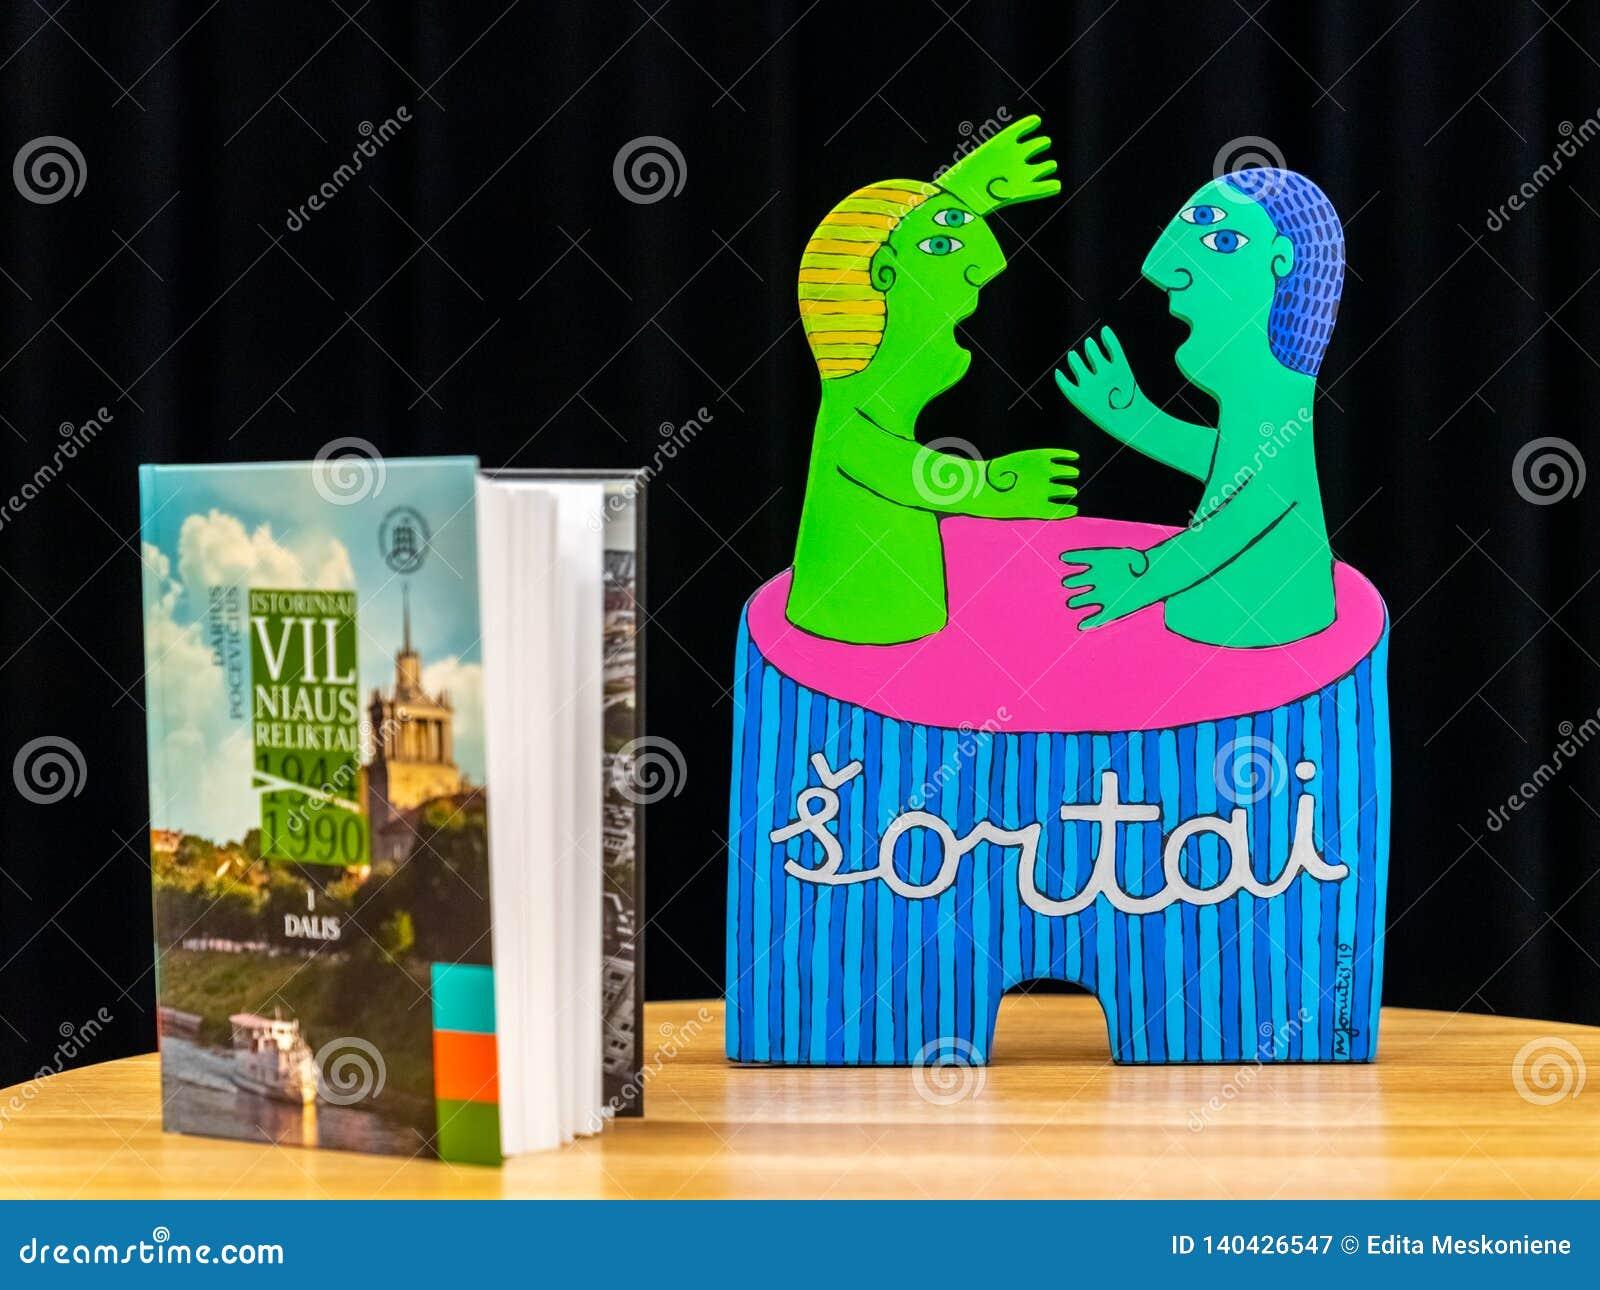 VILNIUS, LITHUANIE - 21 FÉVRIER 2019 : Le livre international de Vilnius loyalement